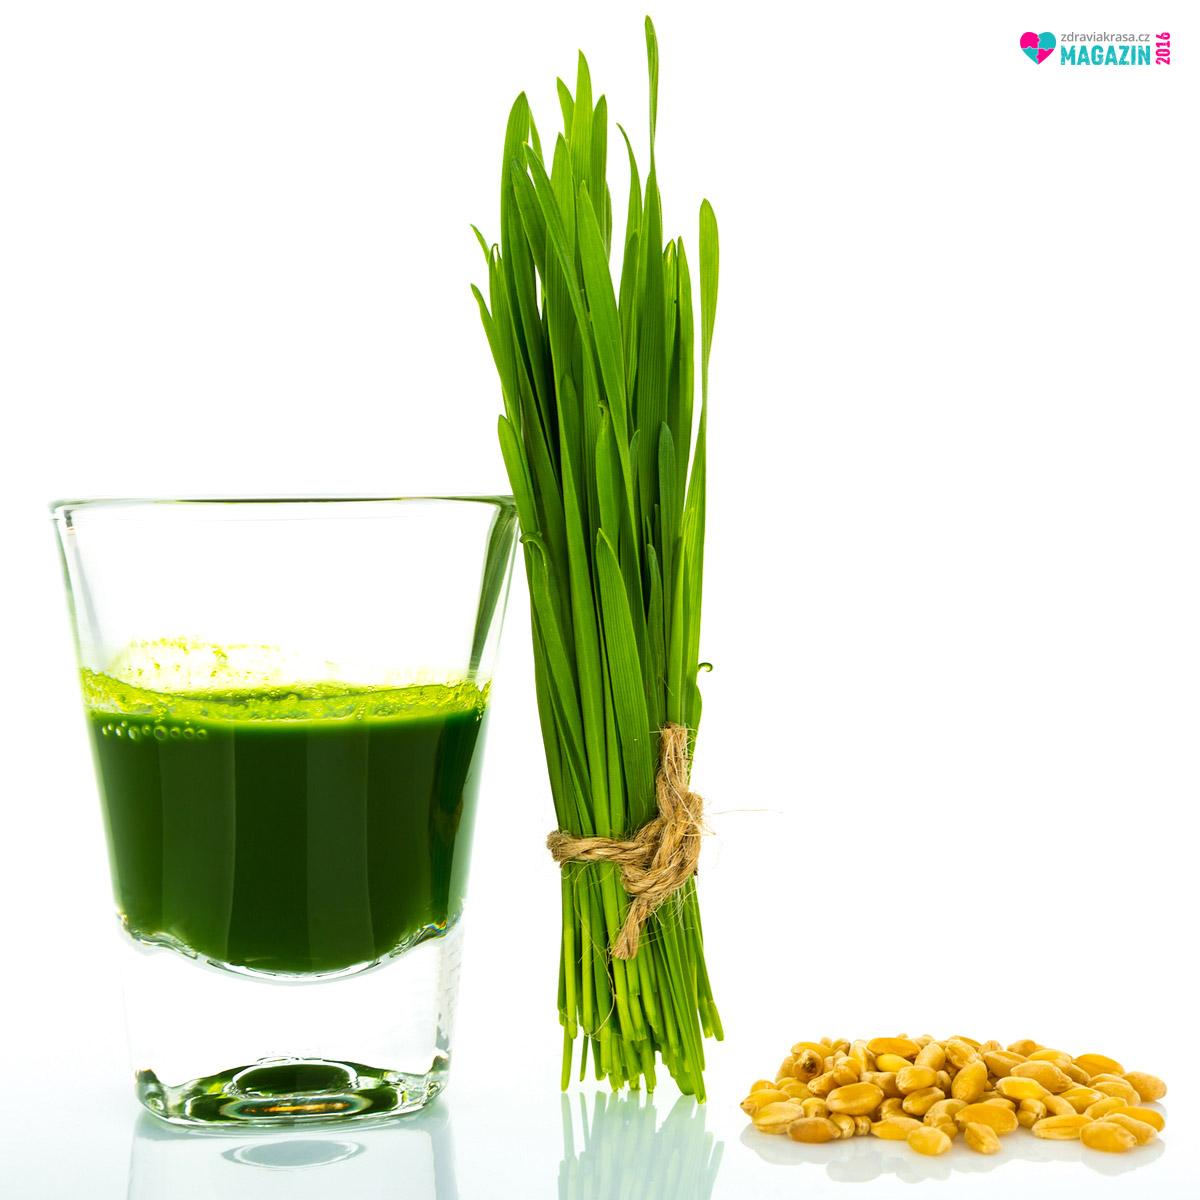 Zelená mladá pšenice je skvělá nejen pro detoxikaci organismu. Má schopnost harmonizovat tělesné funkce, podporovat imunitu i omlazovat buňky a tedy i nás samotné. A nejen to.